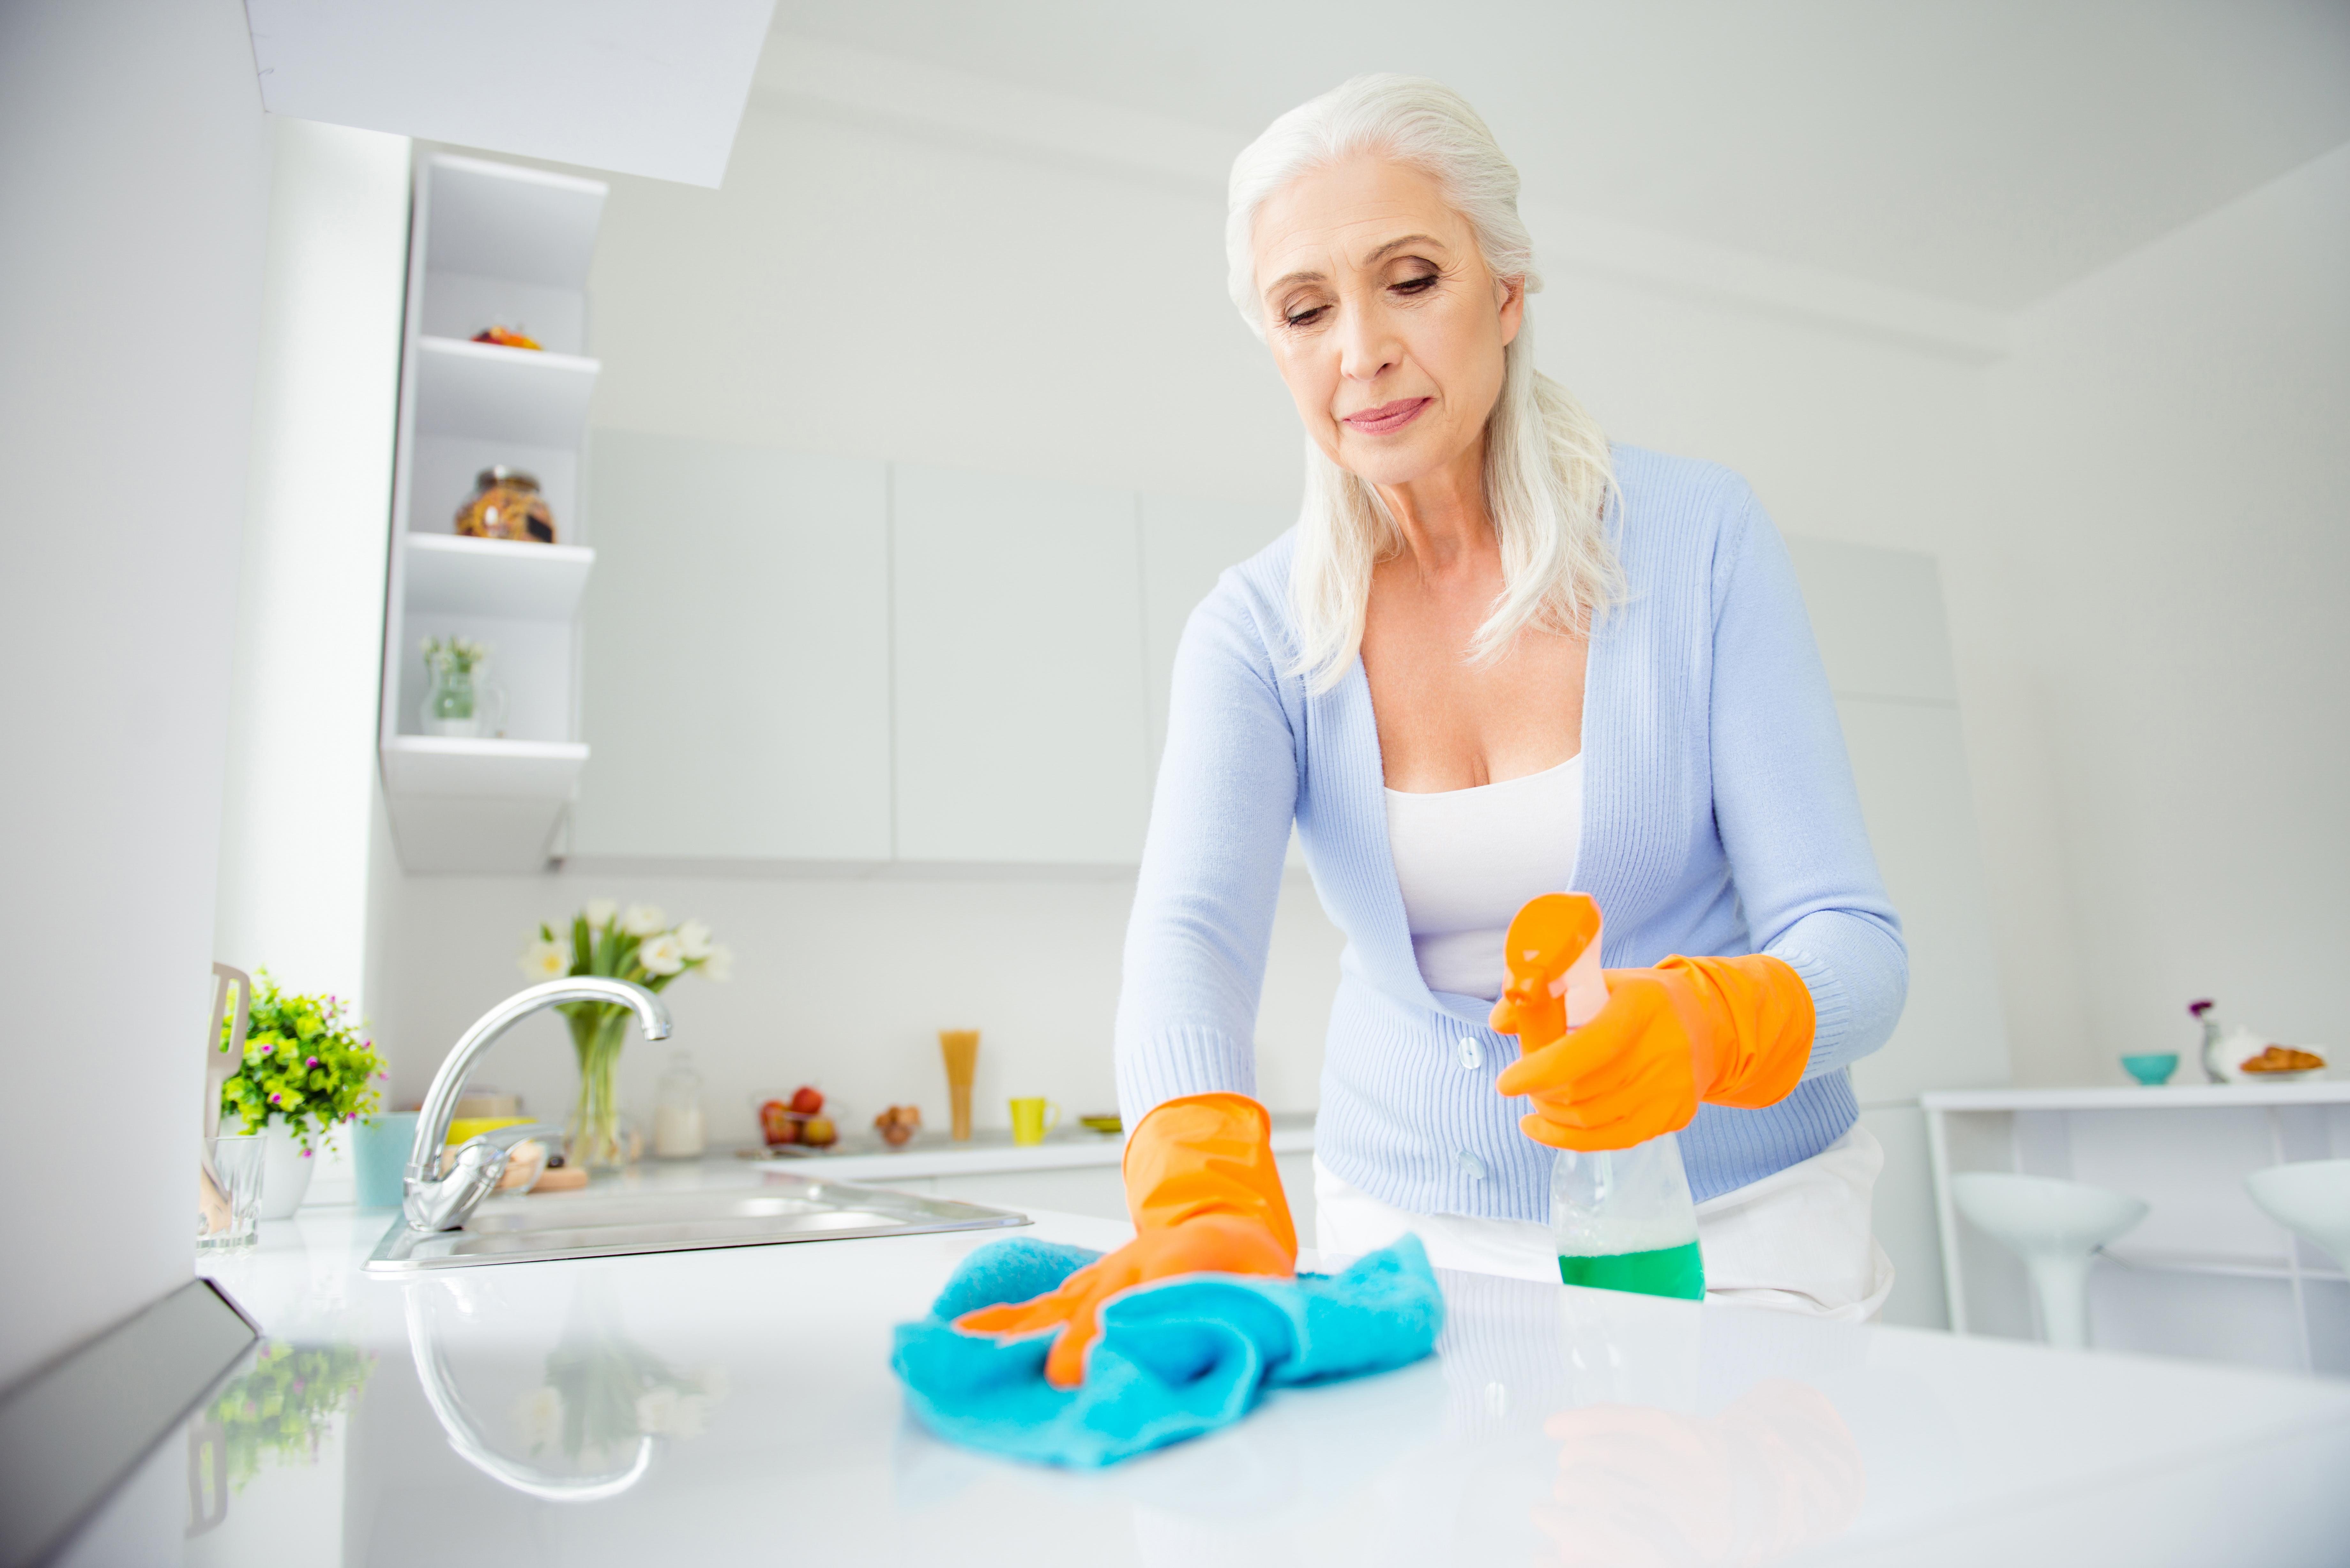 <p>Бактериите са миниатюрни. Това, което на нас ни изглежда като драскотина, е огромна шведска маса за салмонелата. Изподрасканите кухненски дъски се мият много трудно. Тъй че ако дъската вече е прекалено набраздена - по-добре си купете нова.</p>